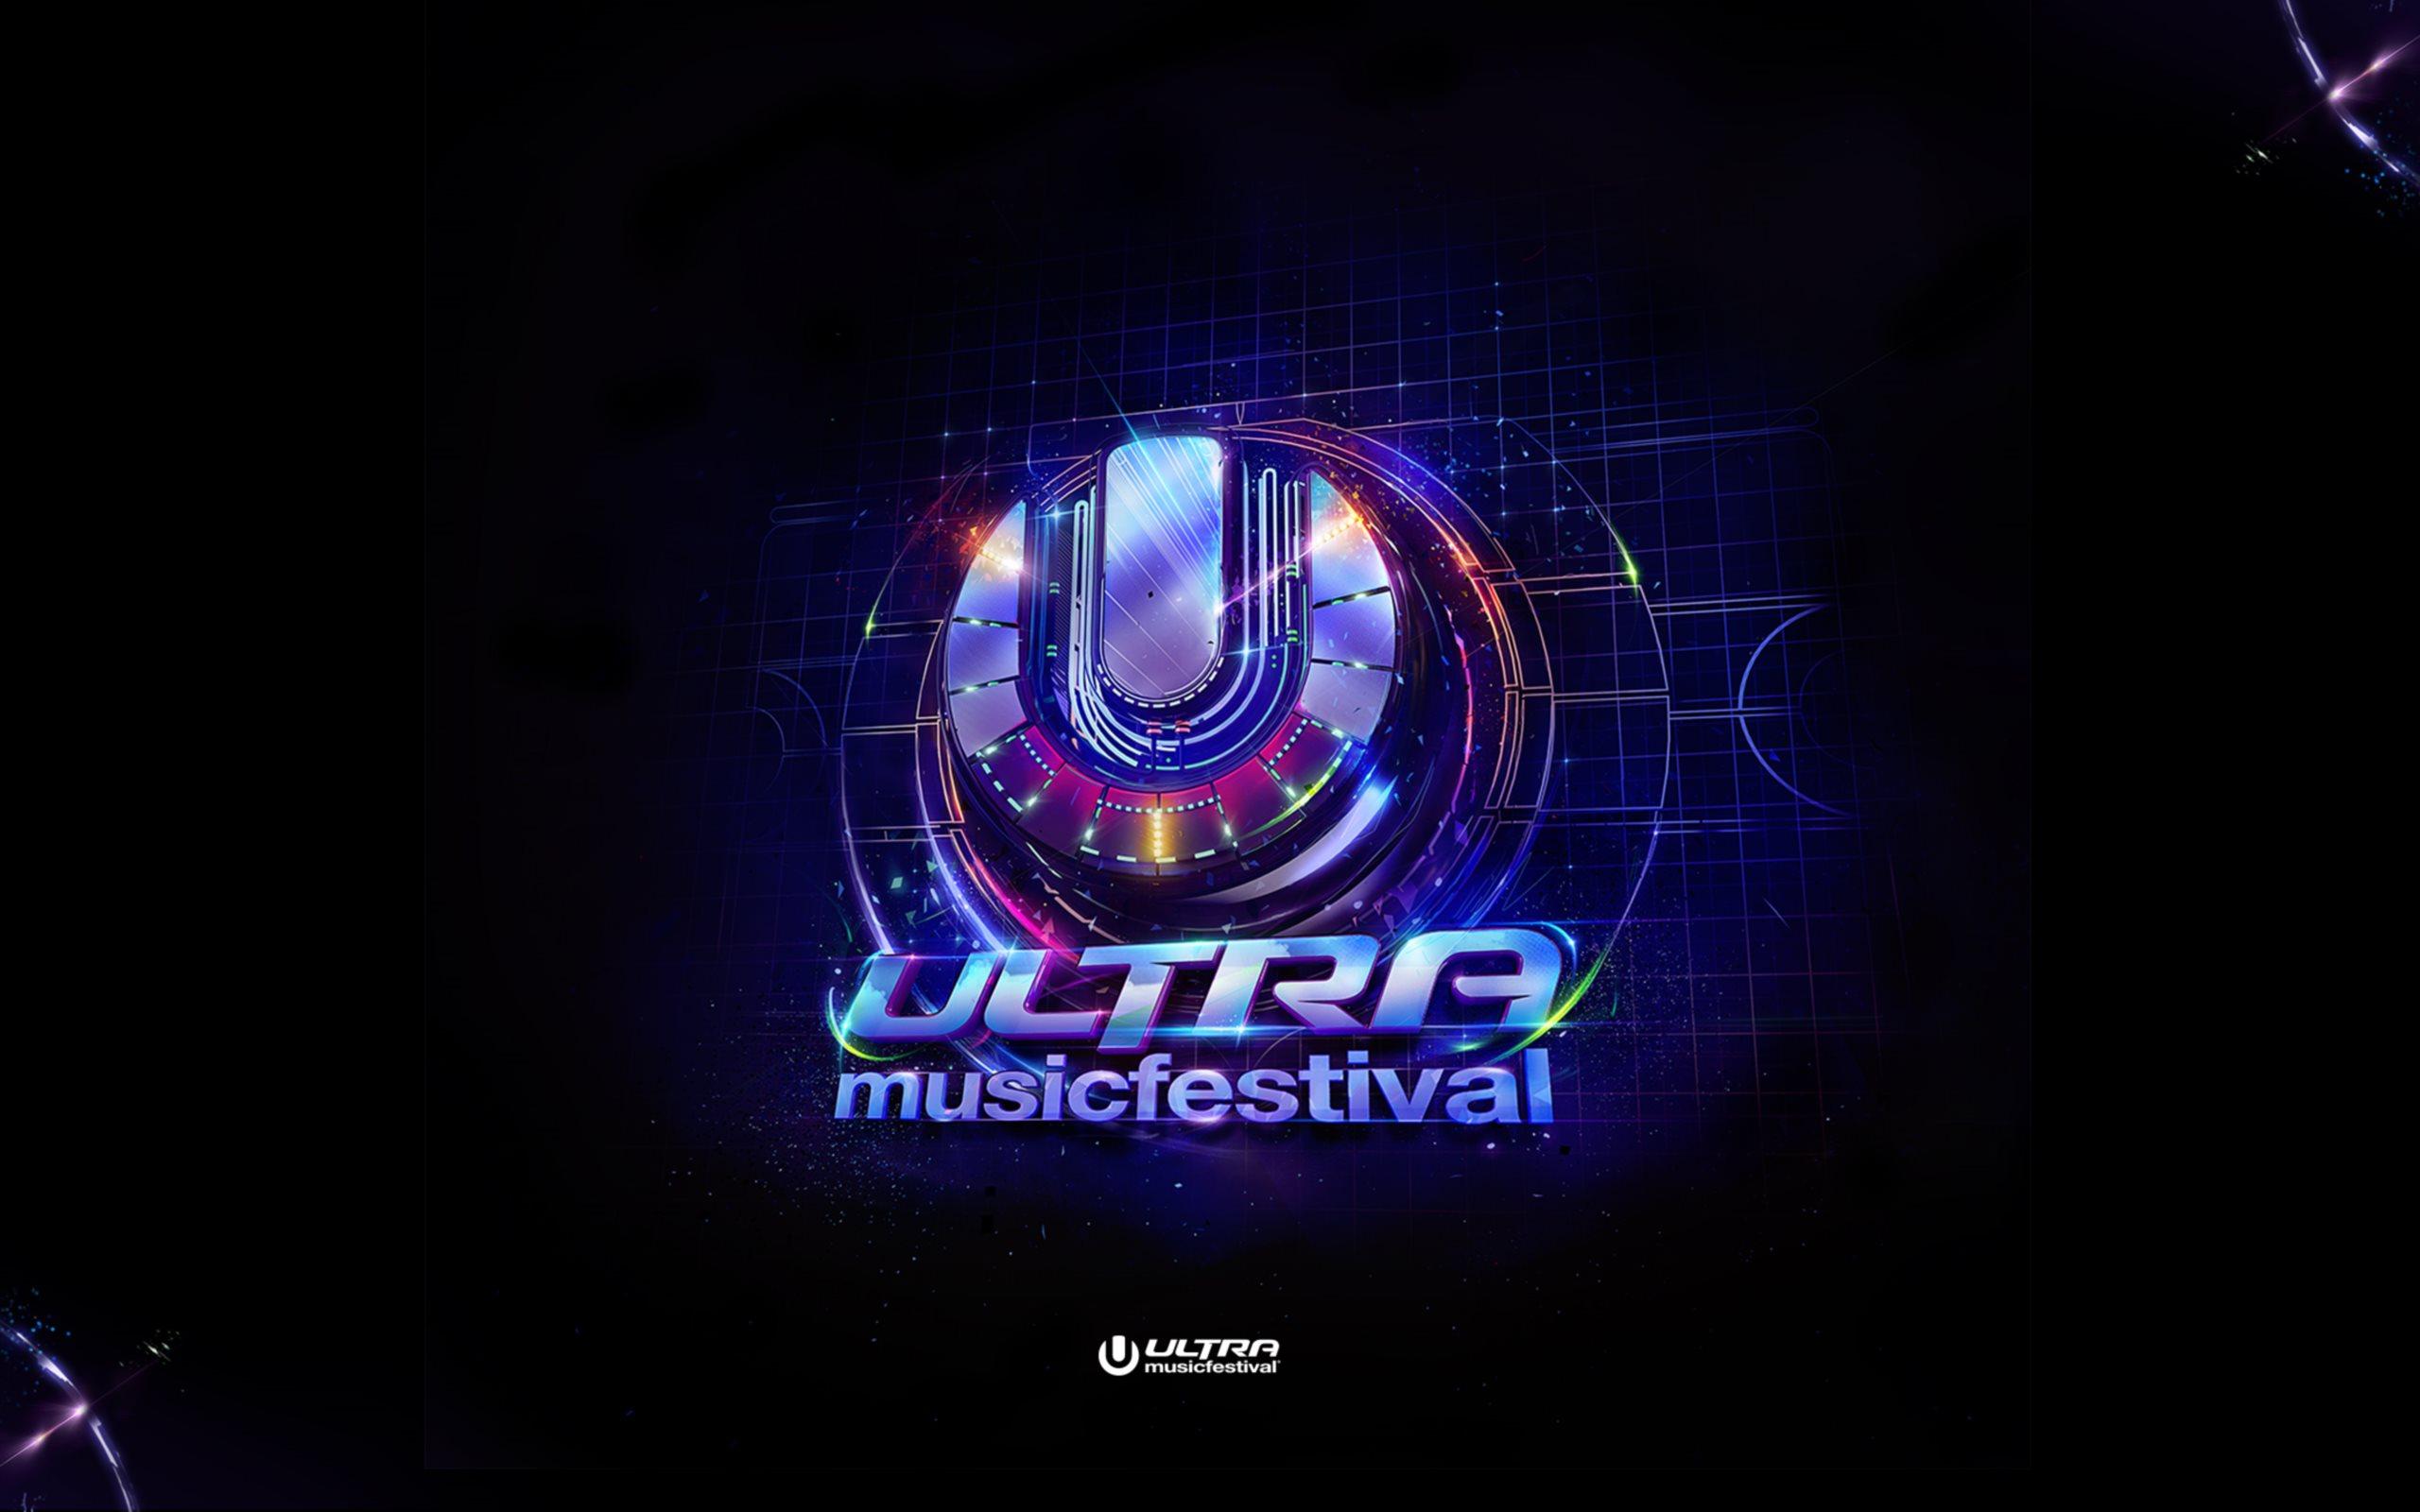 Ultra Music Festival 2014 Wallpapers u00b7 4K HD Desktop Backgrounds ...